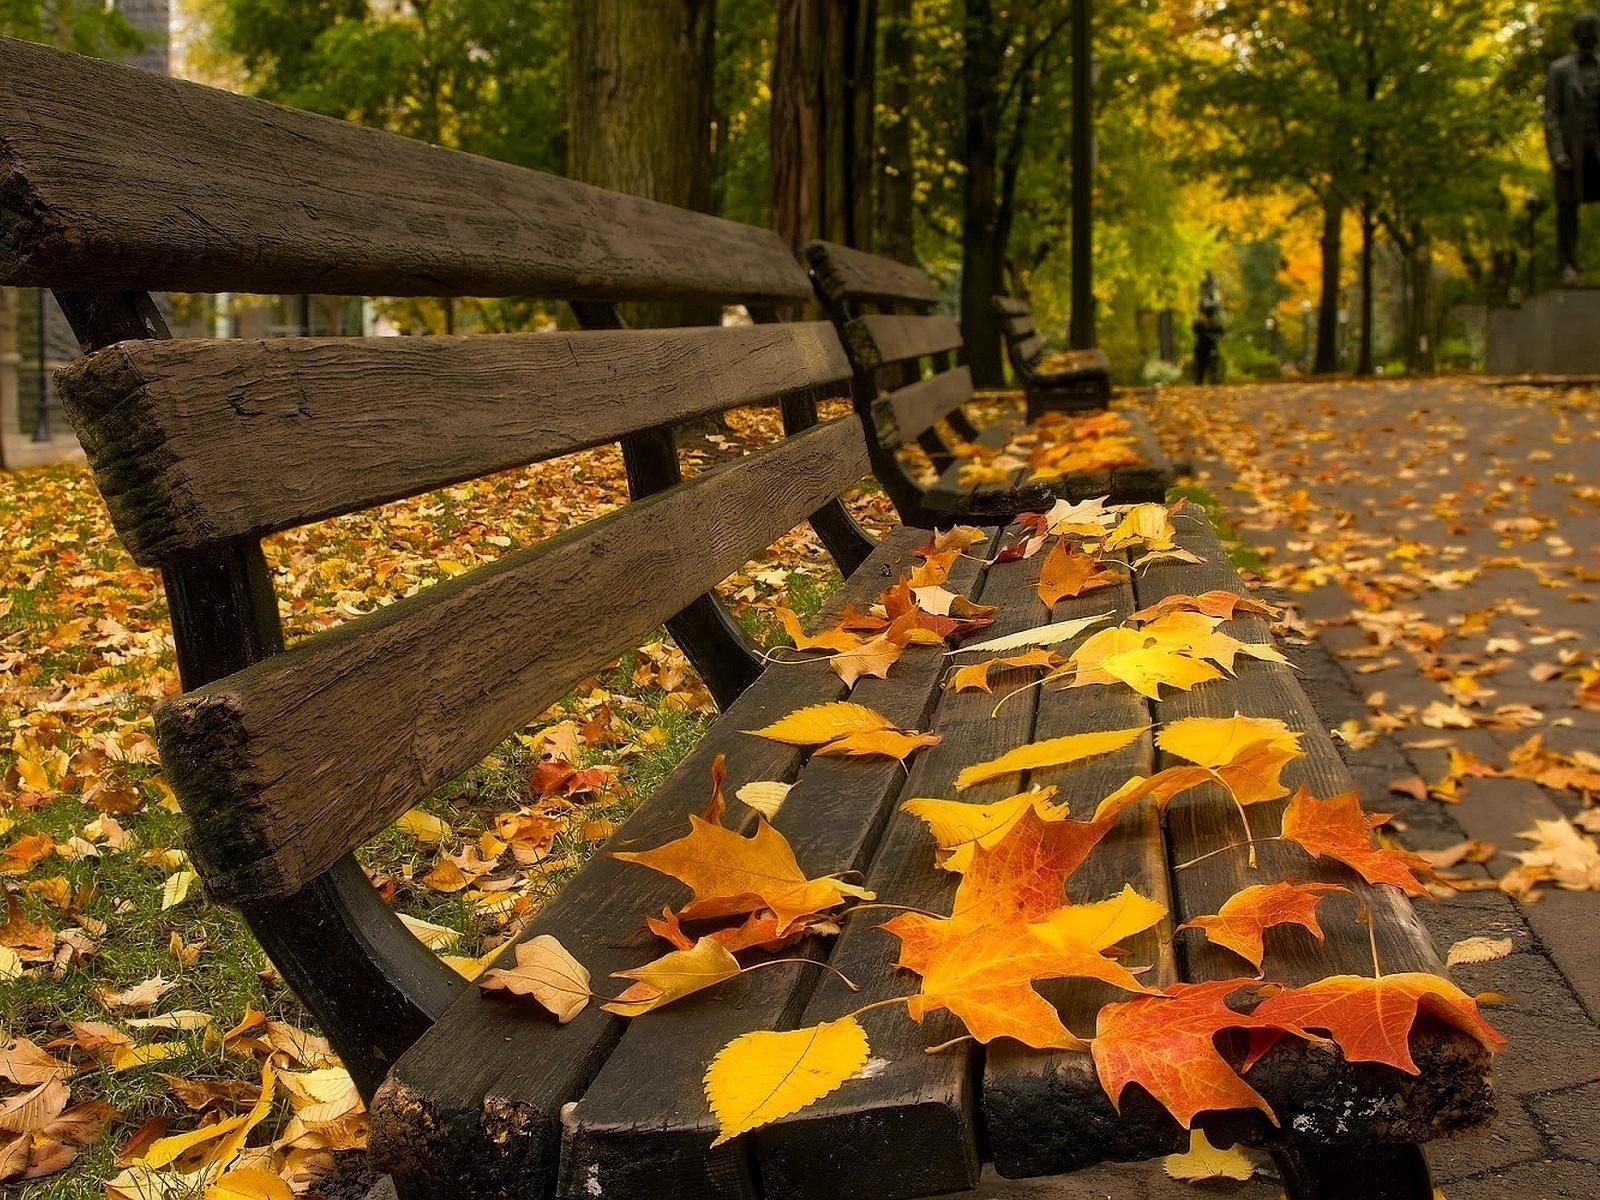 23098 Заставки и Обои Осень на телефон. Скачать Осень, Улицы, Пейзаж, Листья картинки бесплатно